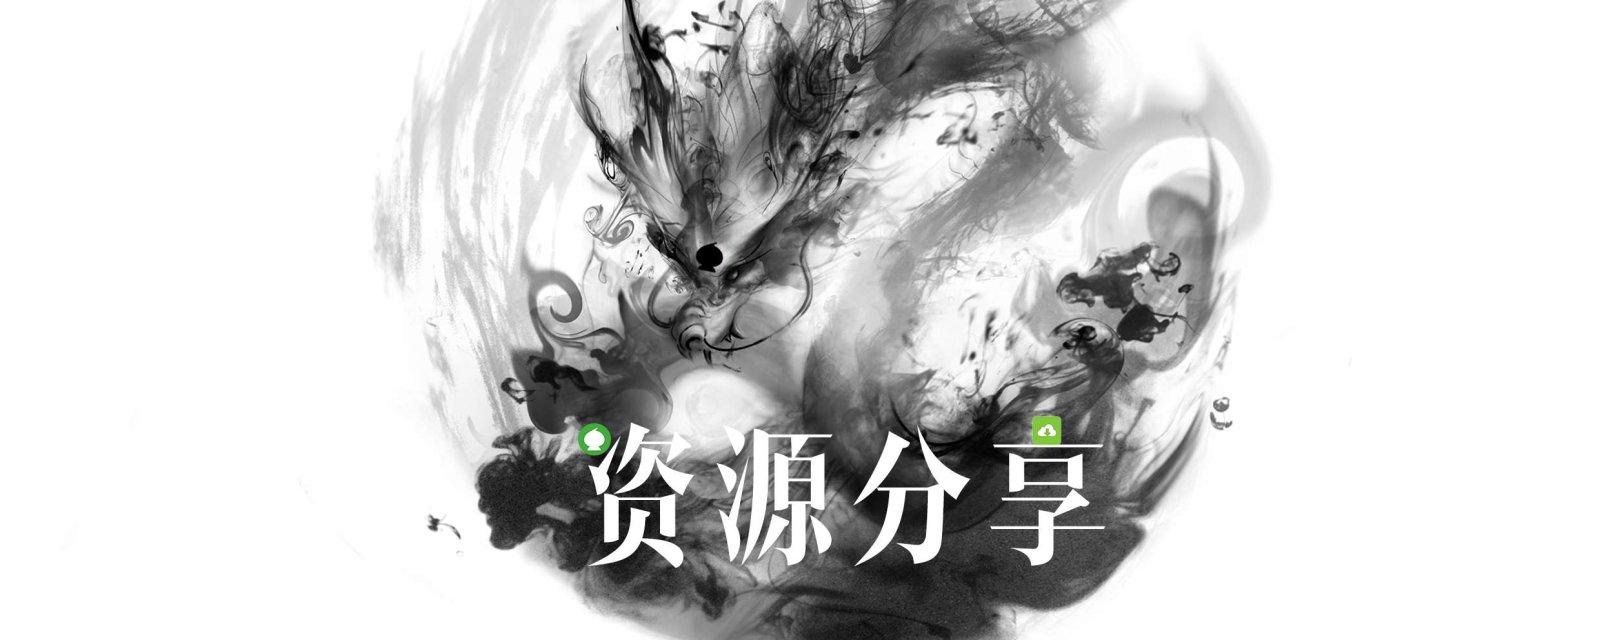 【资源分享】网易云音乐下载狗